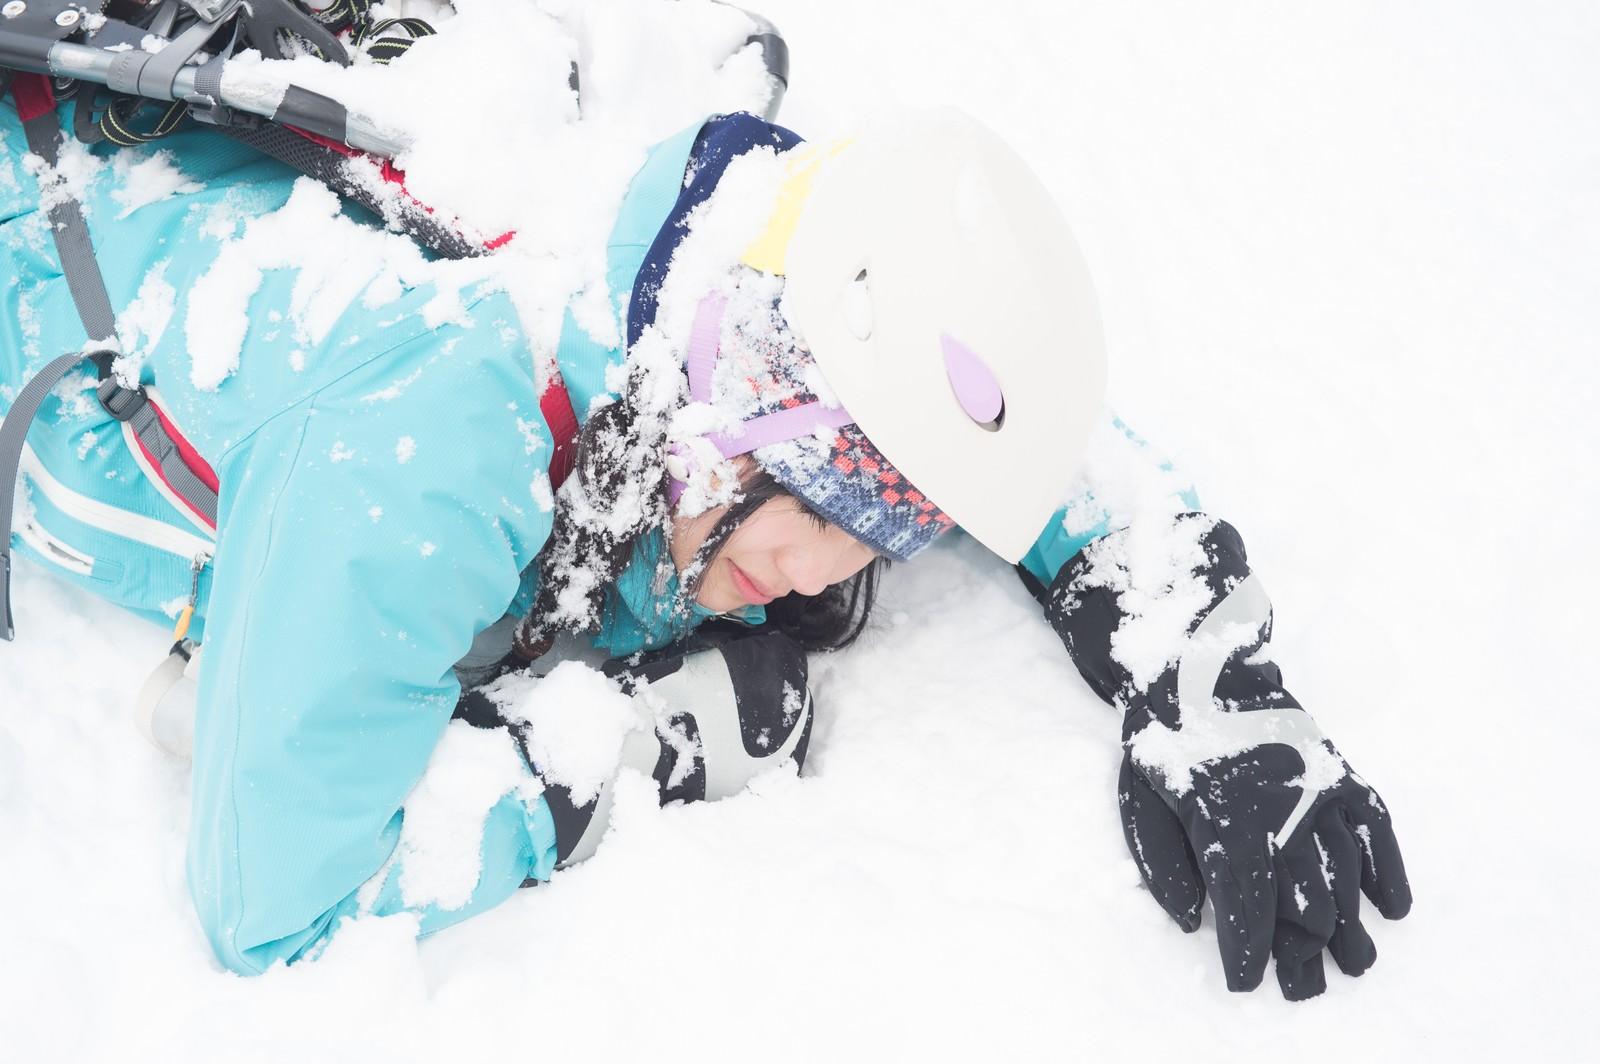 「雪山で滑落した女性」の写真